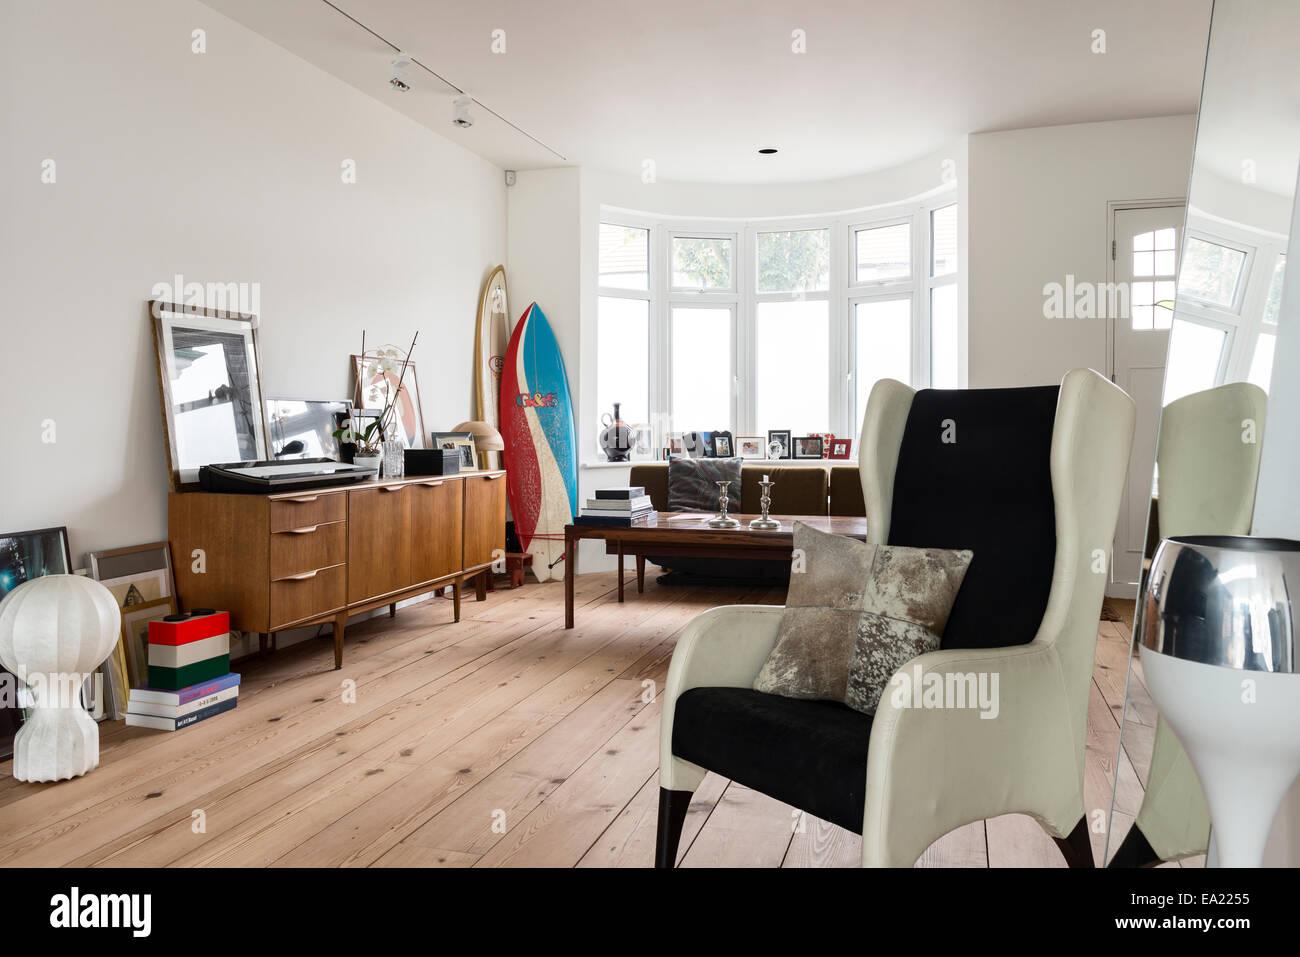 Moderne Ohrensessel Sessel In Hellen Luftigen Wohnraum Mit Holzboden